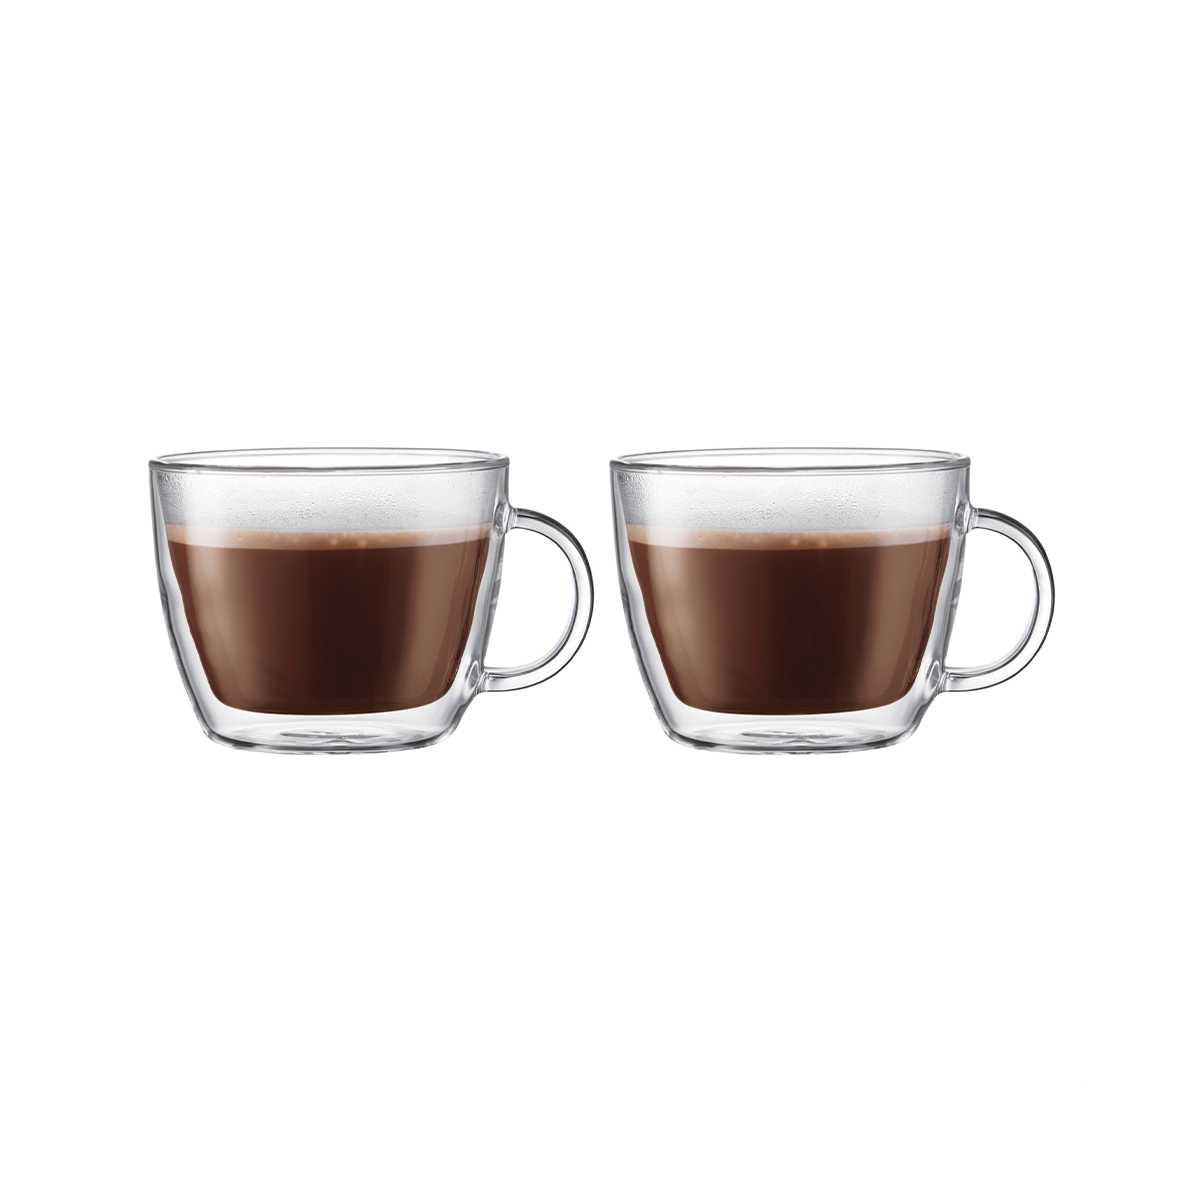 Набор чашек для латте 0,45 л, 2 шт Bodum Bistro  (10608-10) Bodum 10608-10 фото 1